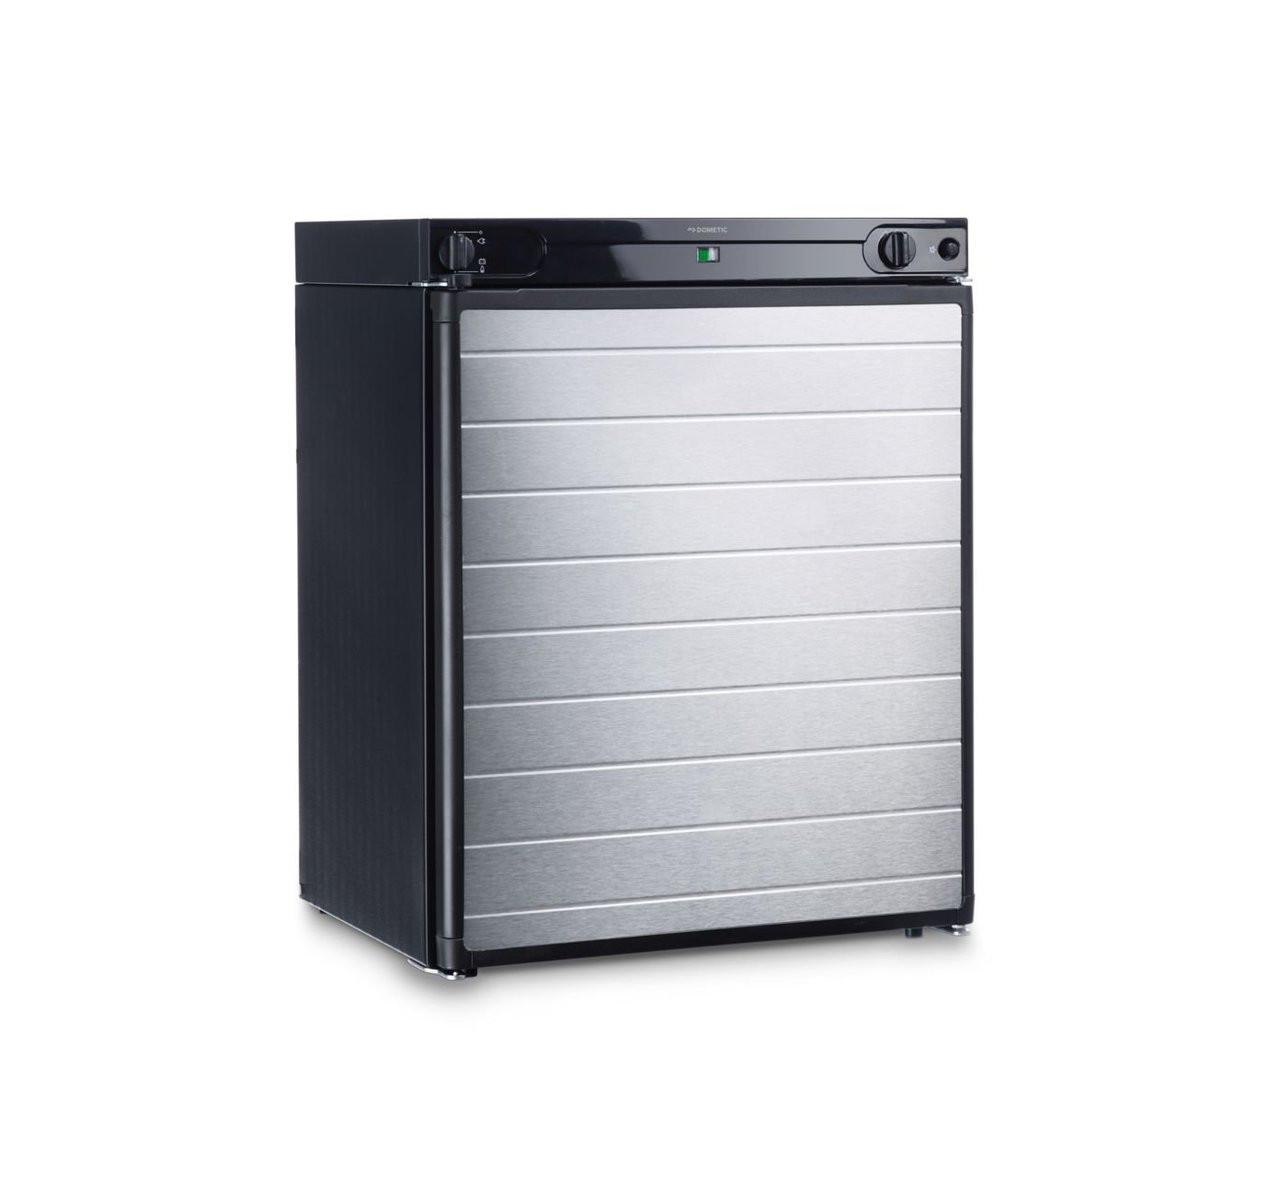 Dometic Rf60 Portable Camping Fridge Uk Motorhome Refrigerator Indicator Light Wiring Diagram Free Standing Awning